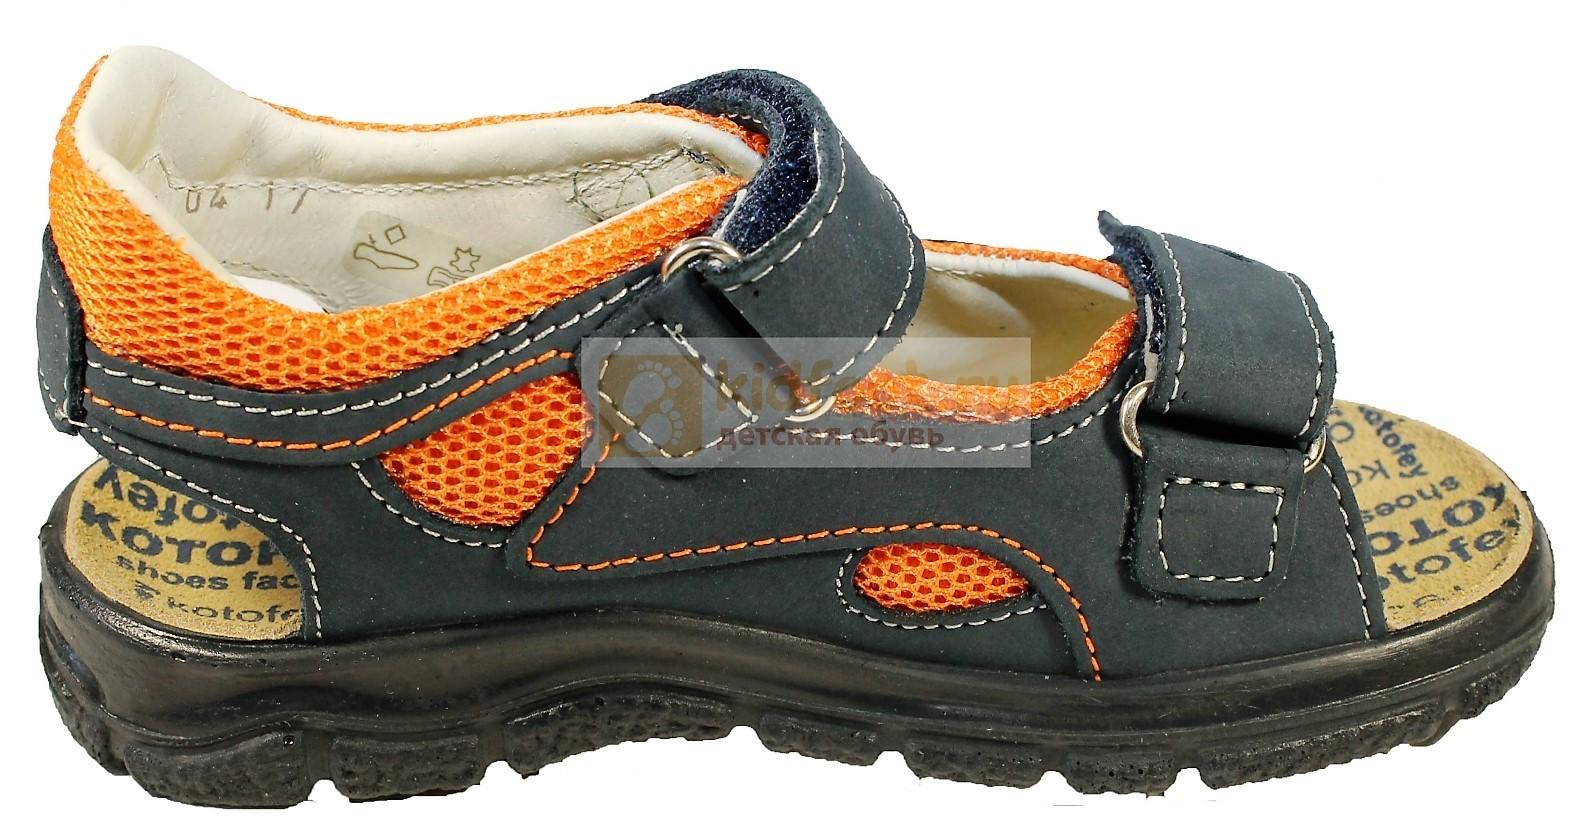 Детские сандалии Котофей 522053-22 из натуральной кожи, для мальчика, сине-оранжевые